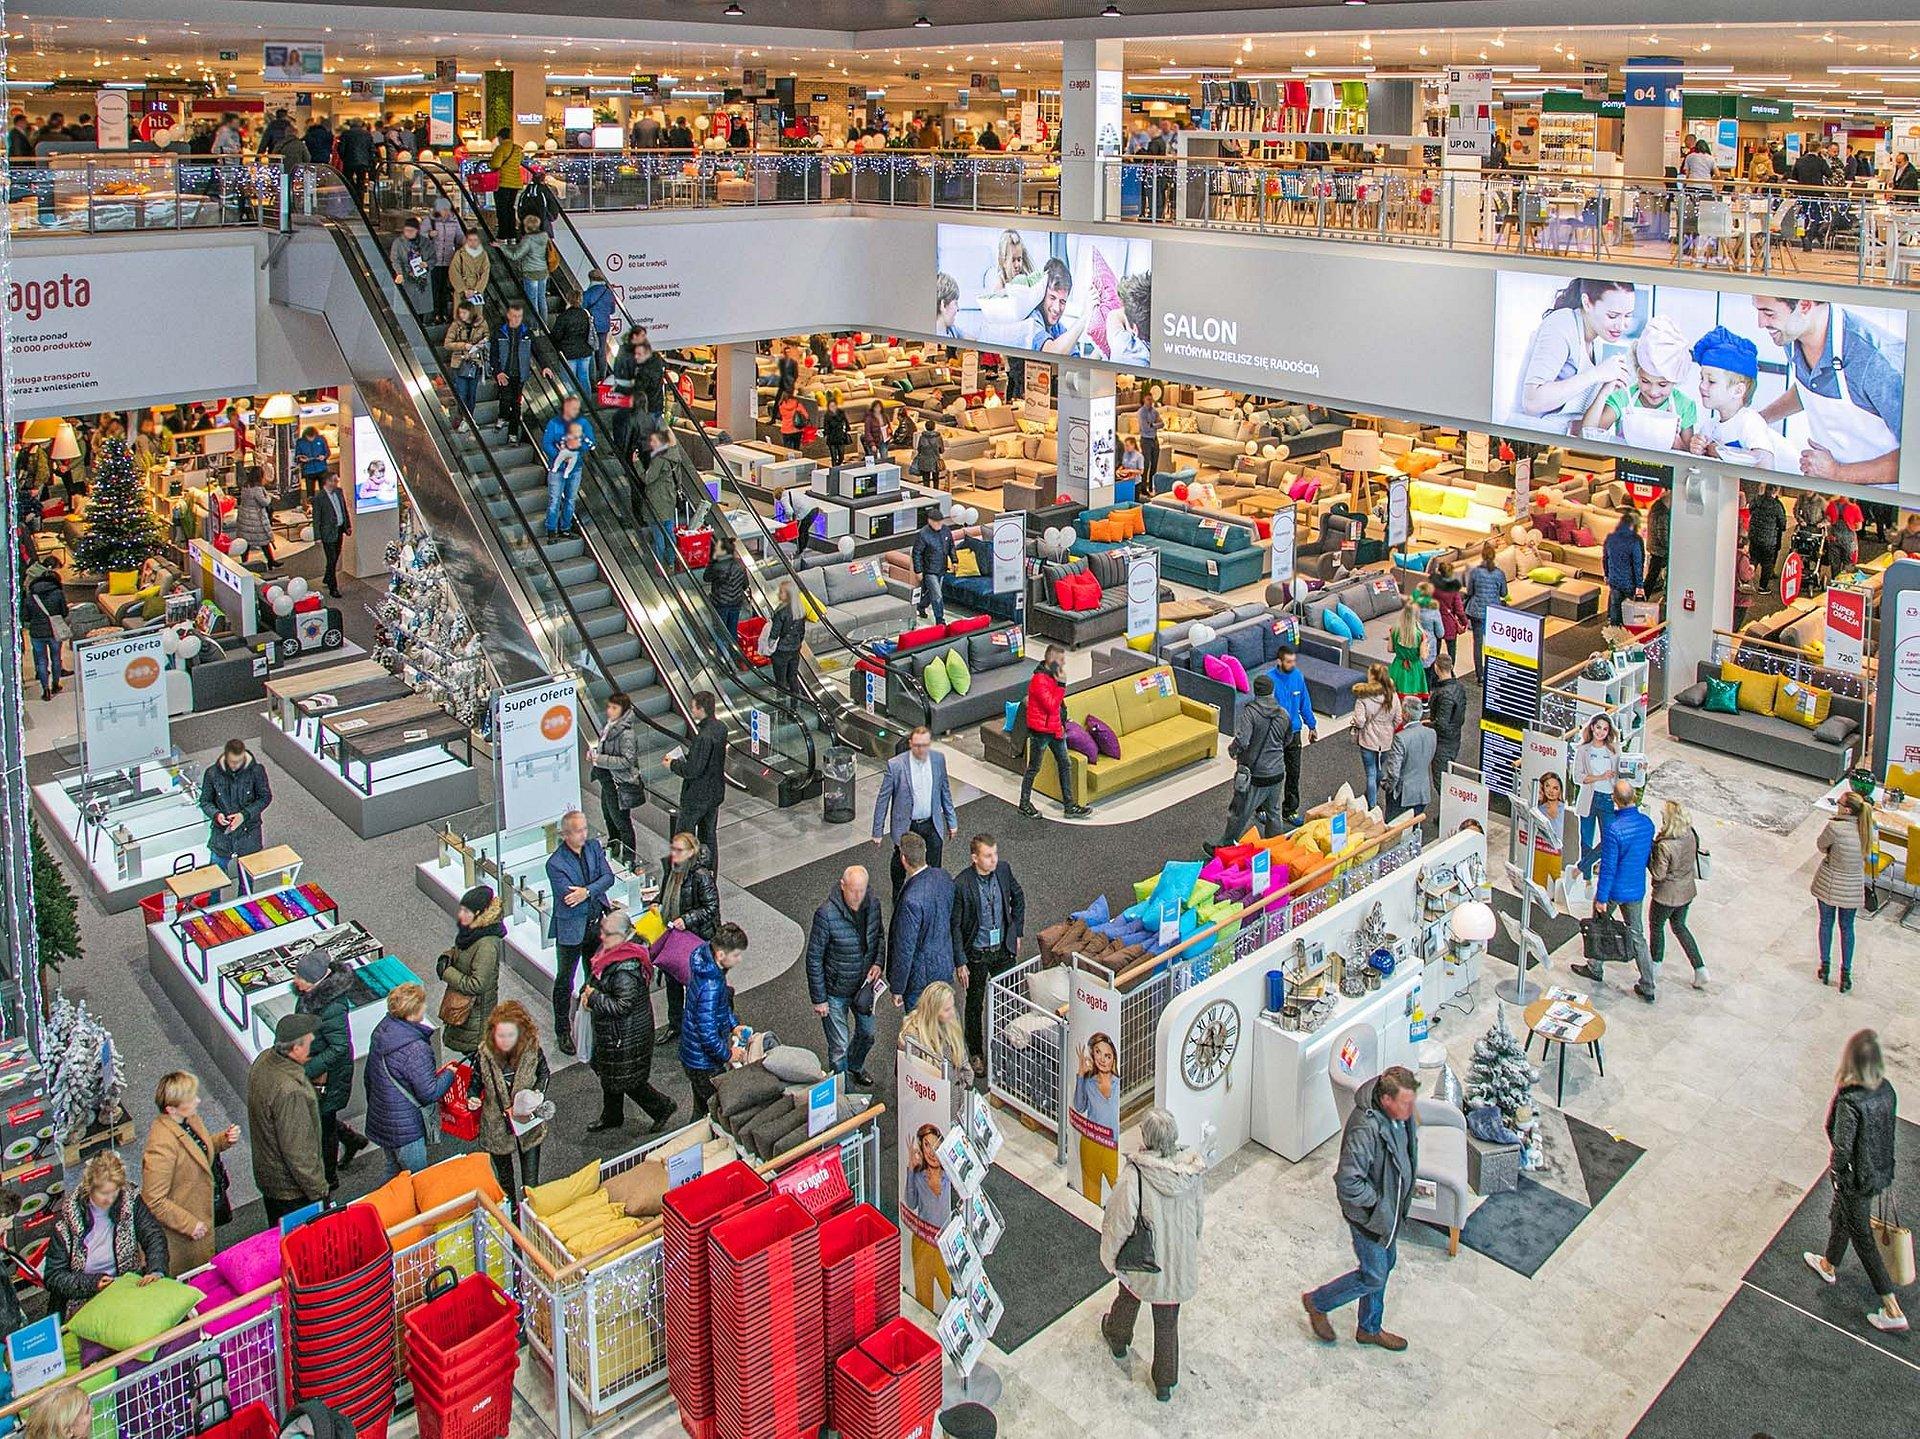 Rekordowa frekwencja na otwarciu nowego Salonu Agata w Kielcach